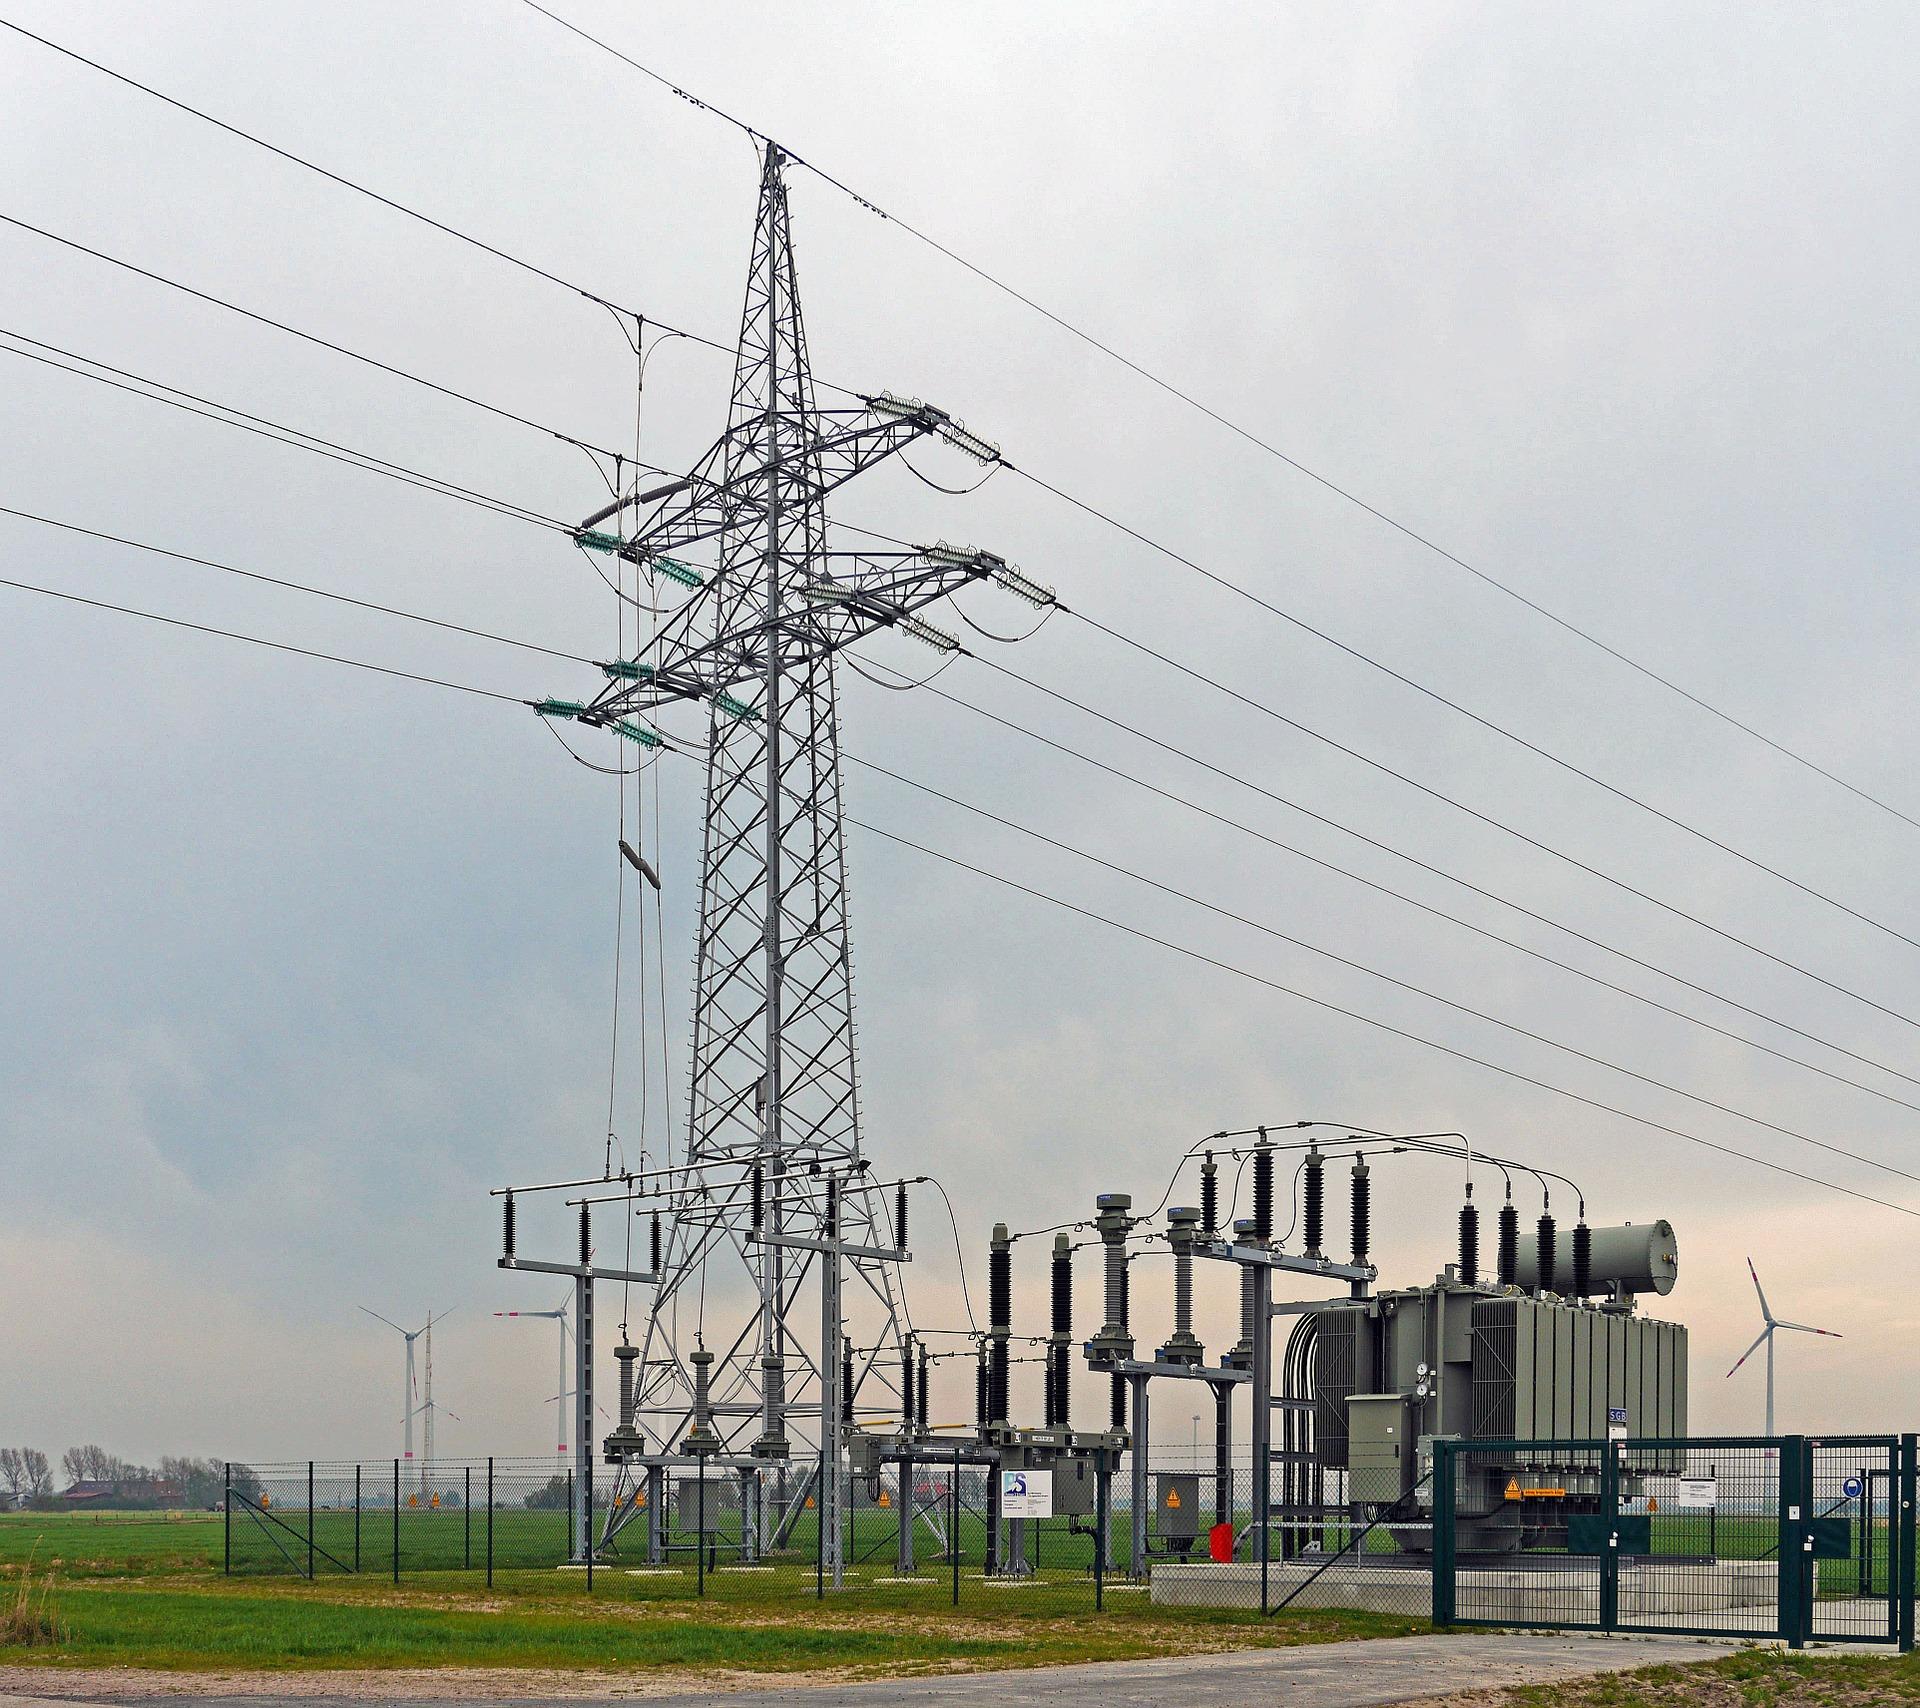 rodzaje energii, energia elektryczna, linie energetyczne,